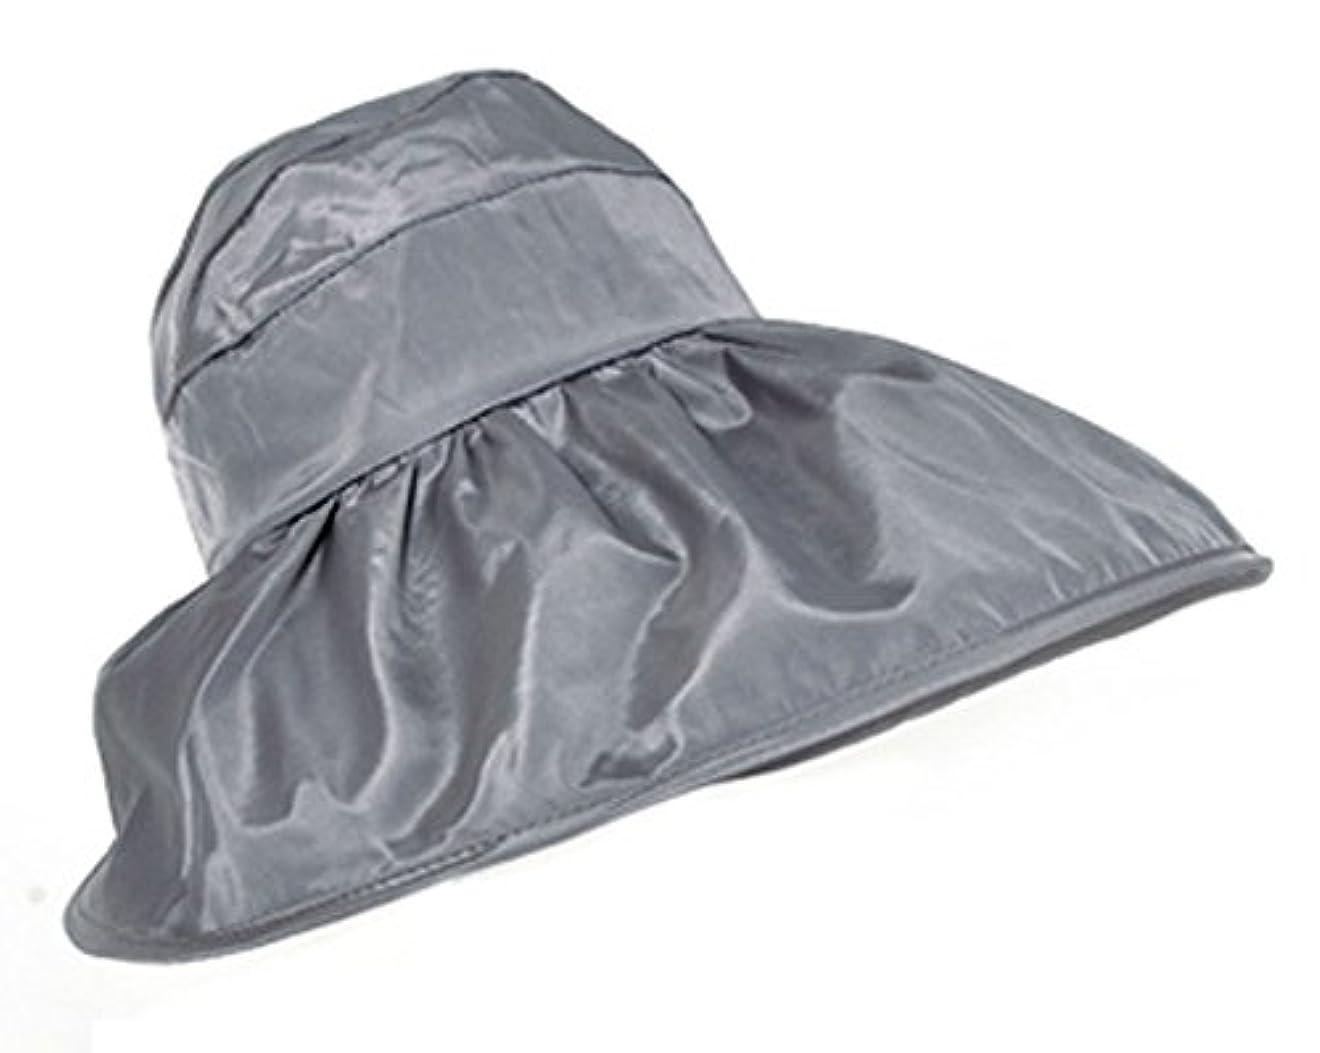 報酬の雪だるまを作るひねりFakeFace 夏 レディース 帽子 UVカット サンバイザー 紫外線対策 日よけ帽子 つば広 オシャレ ケープ ハット 日よけ 折りたたみ 防水 カジュアル 海 農作業 ぼうし サイズ調節可